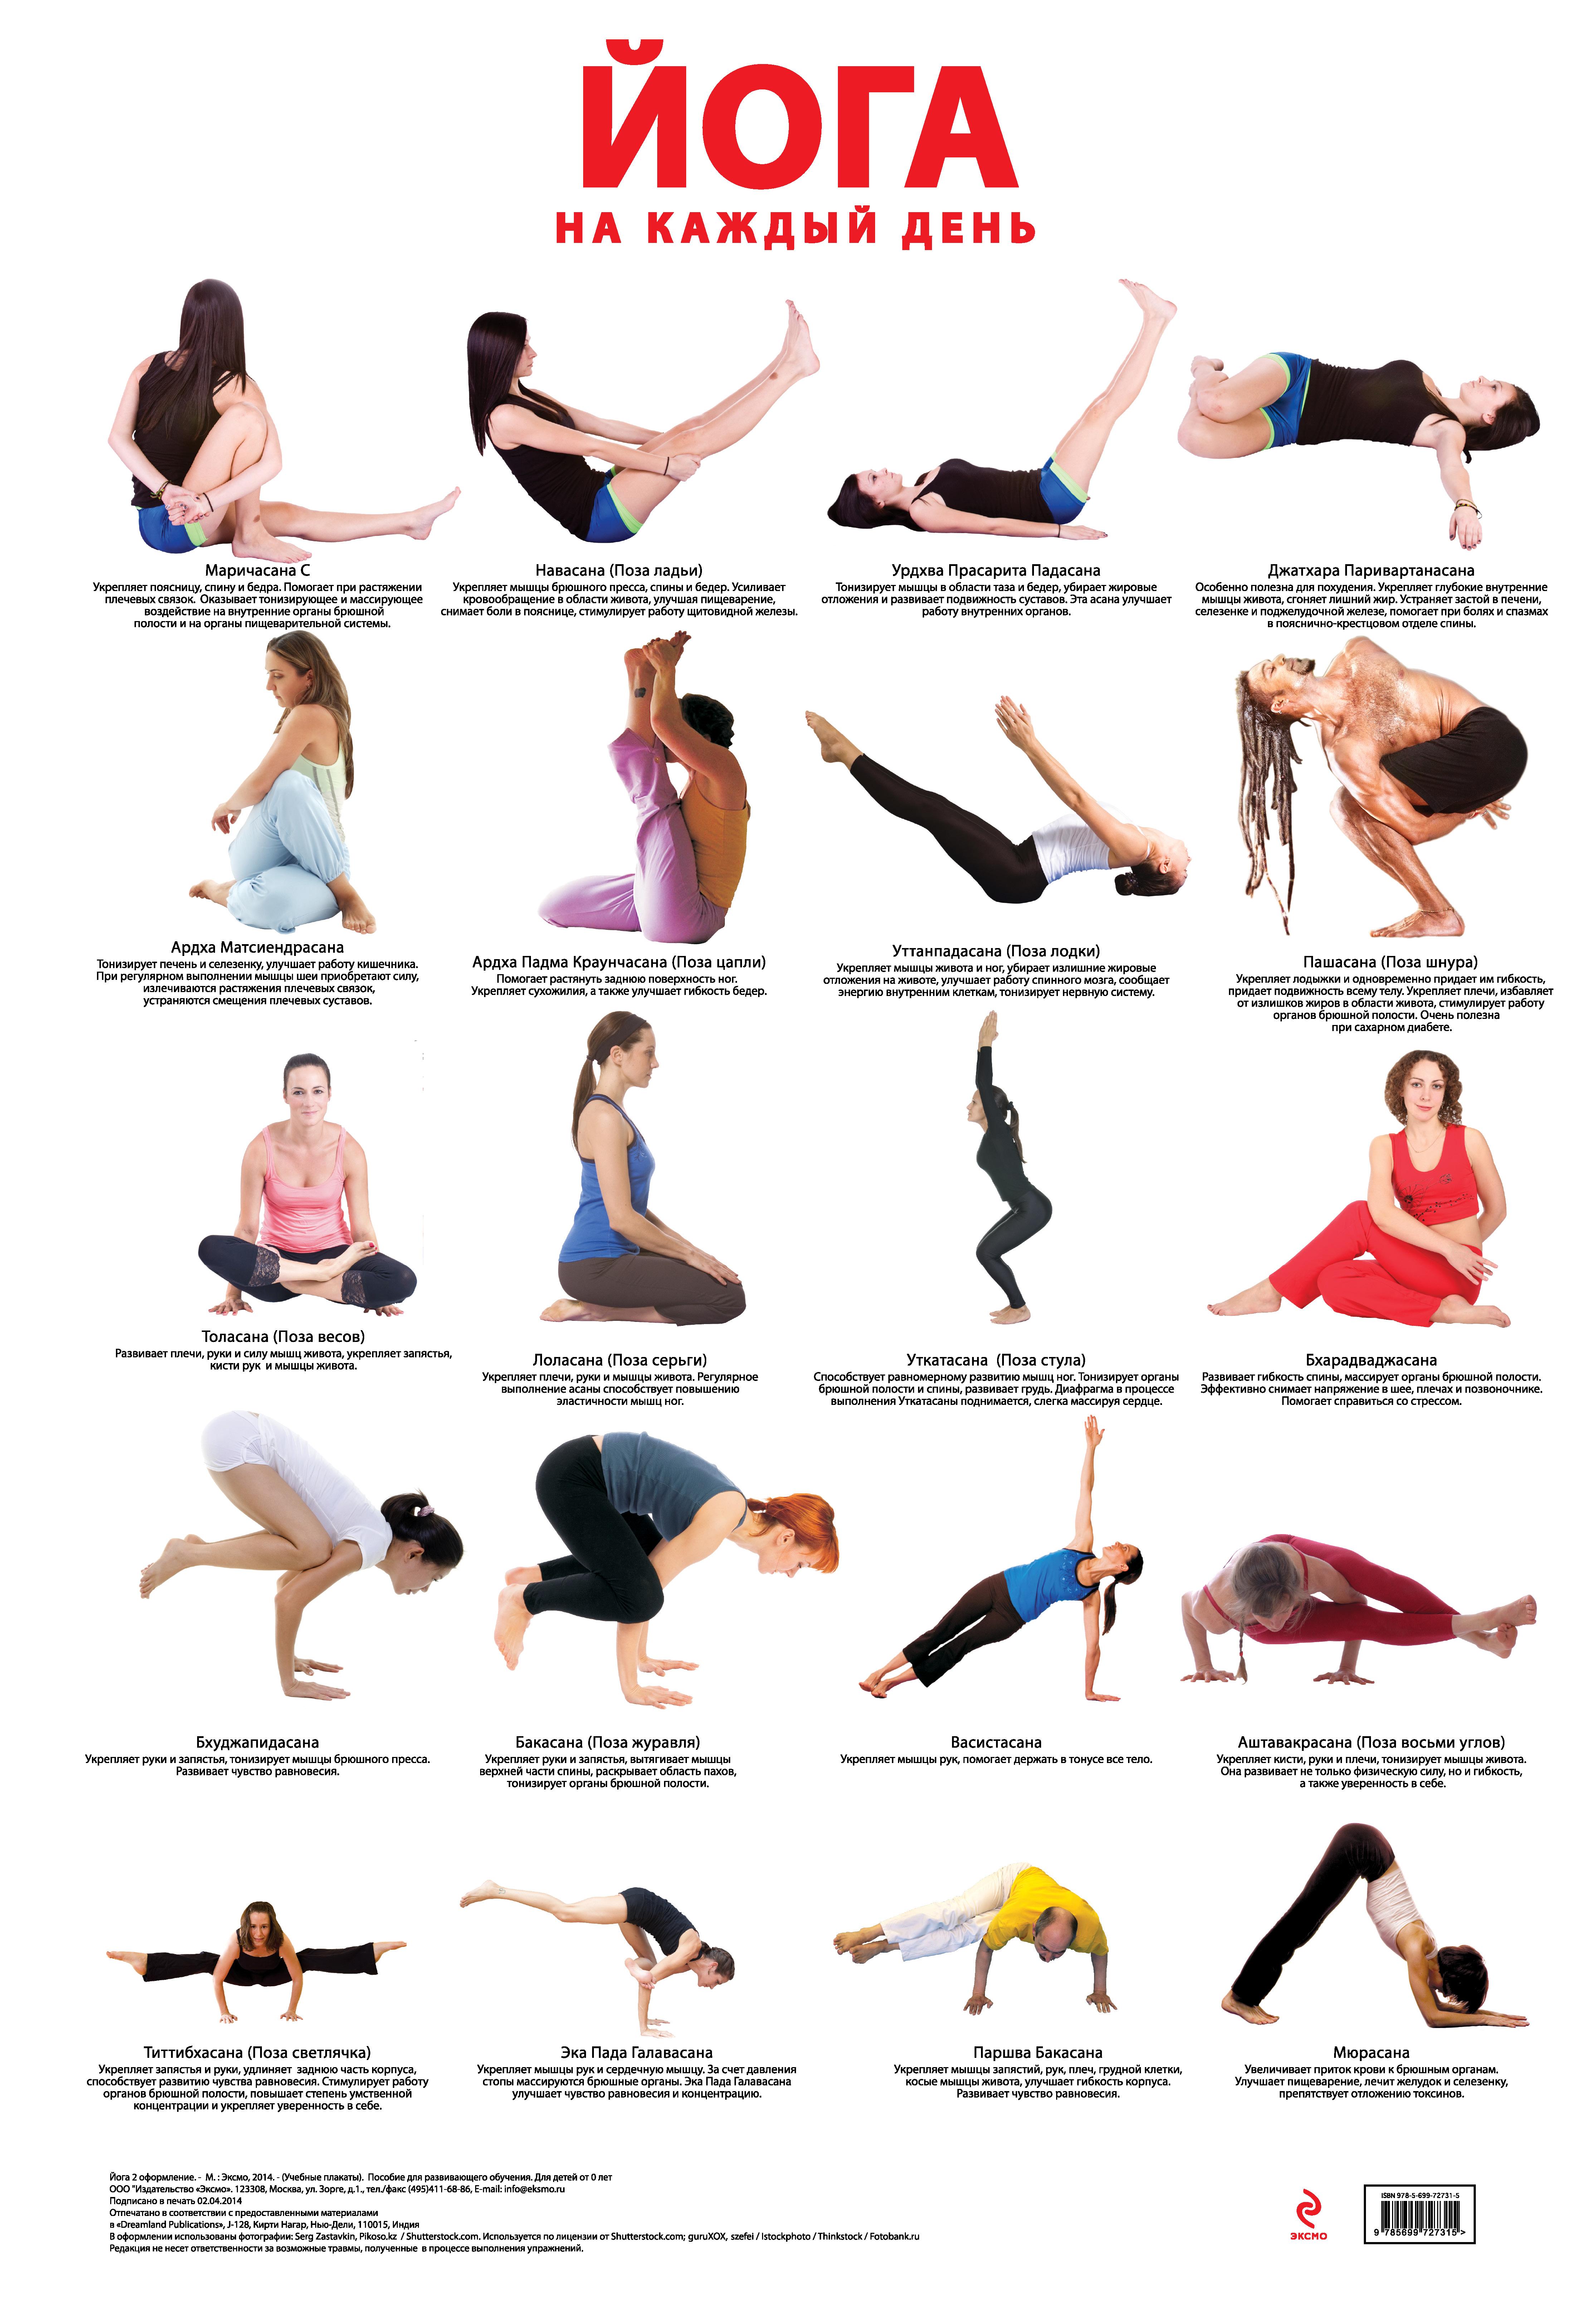 Силовая йога - 120 фото основных тренировок и упражнений для мужчин и женщин